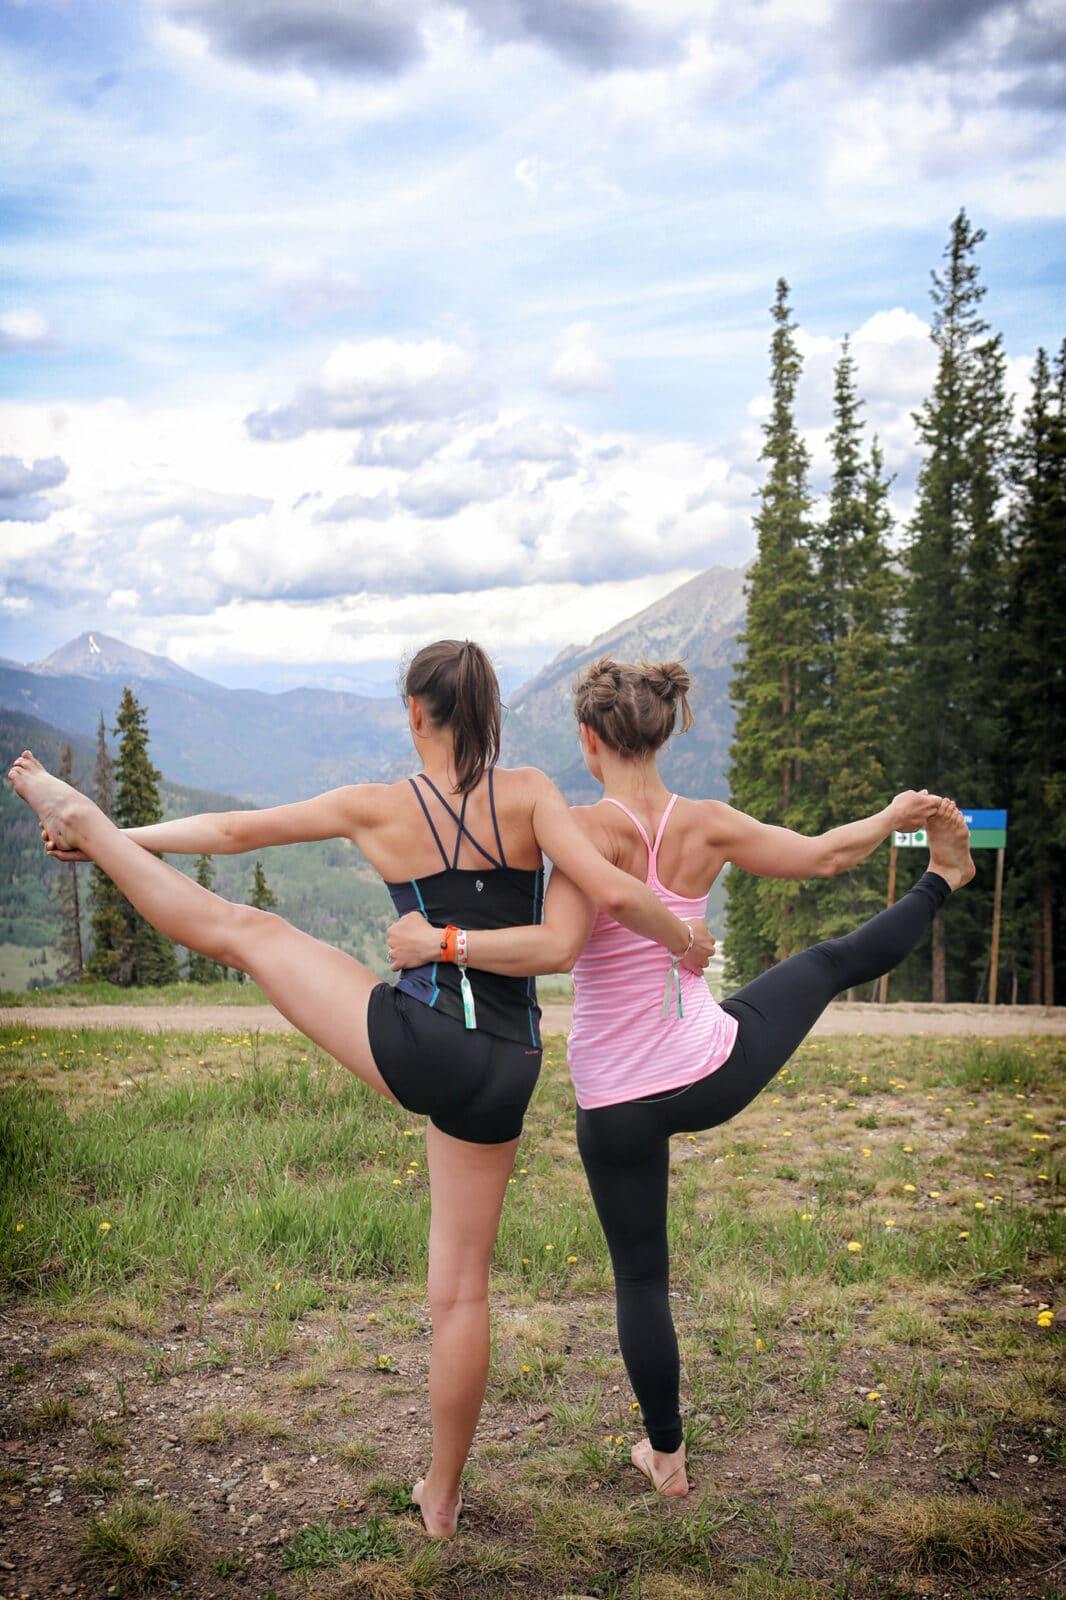 Gambar dua orang melakukan yoga di Copper Mountain, Colorado